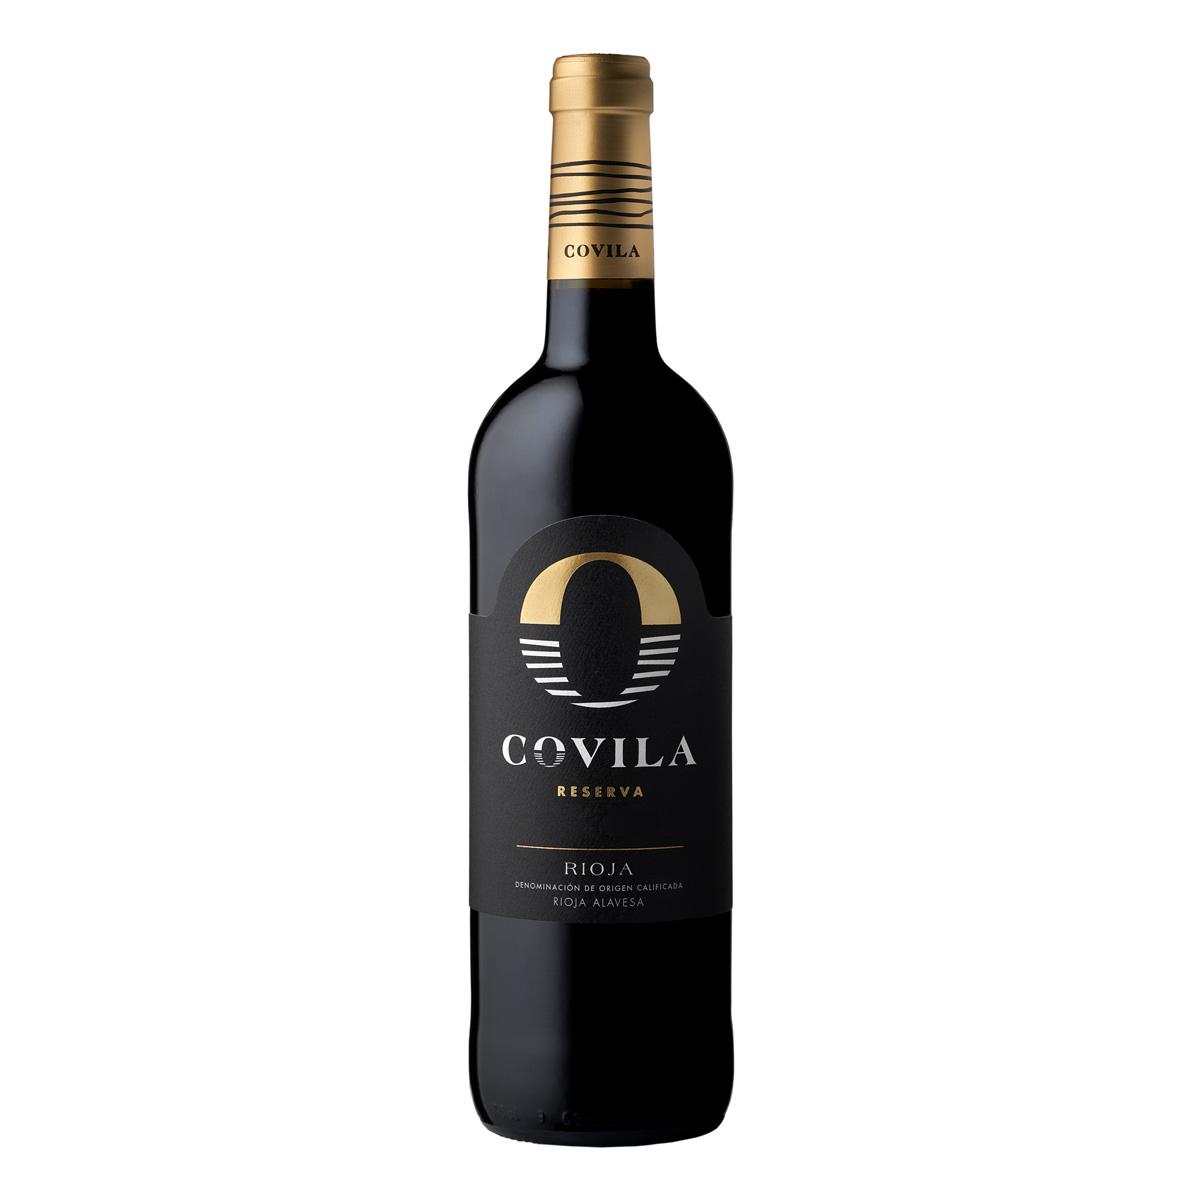 西班牙里奥哈Covila 珍藏红酒